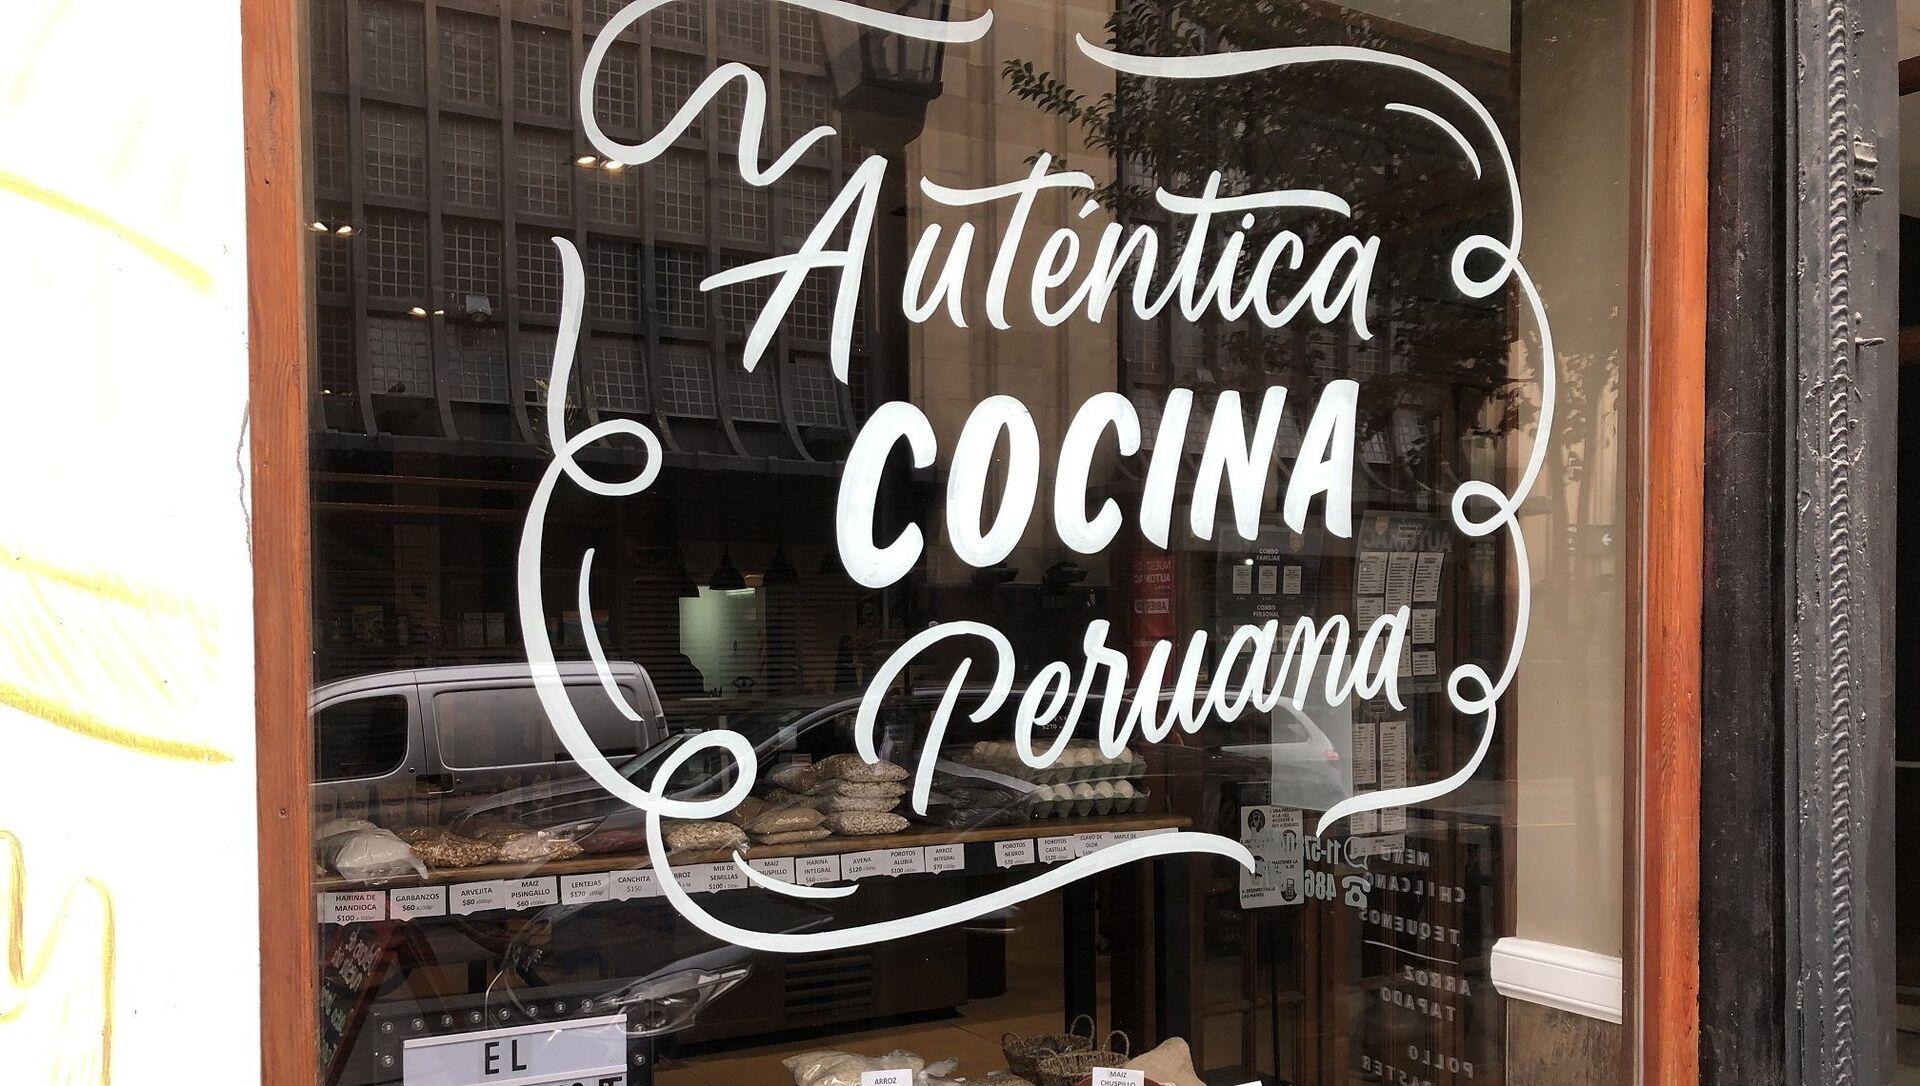 La explosión de la cocina del Perú en Argentina es un fenómeno nuevo, comenzó a la par del crecimiento de la inmigración - Sputnik Mundo, 1920, 15.09.2020